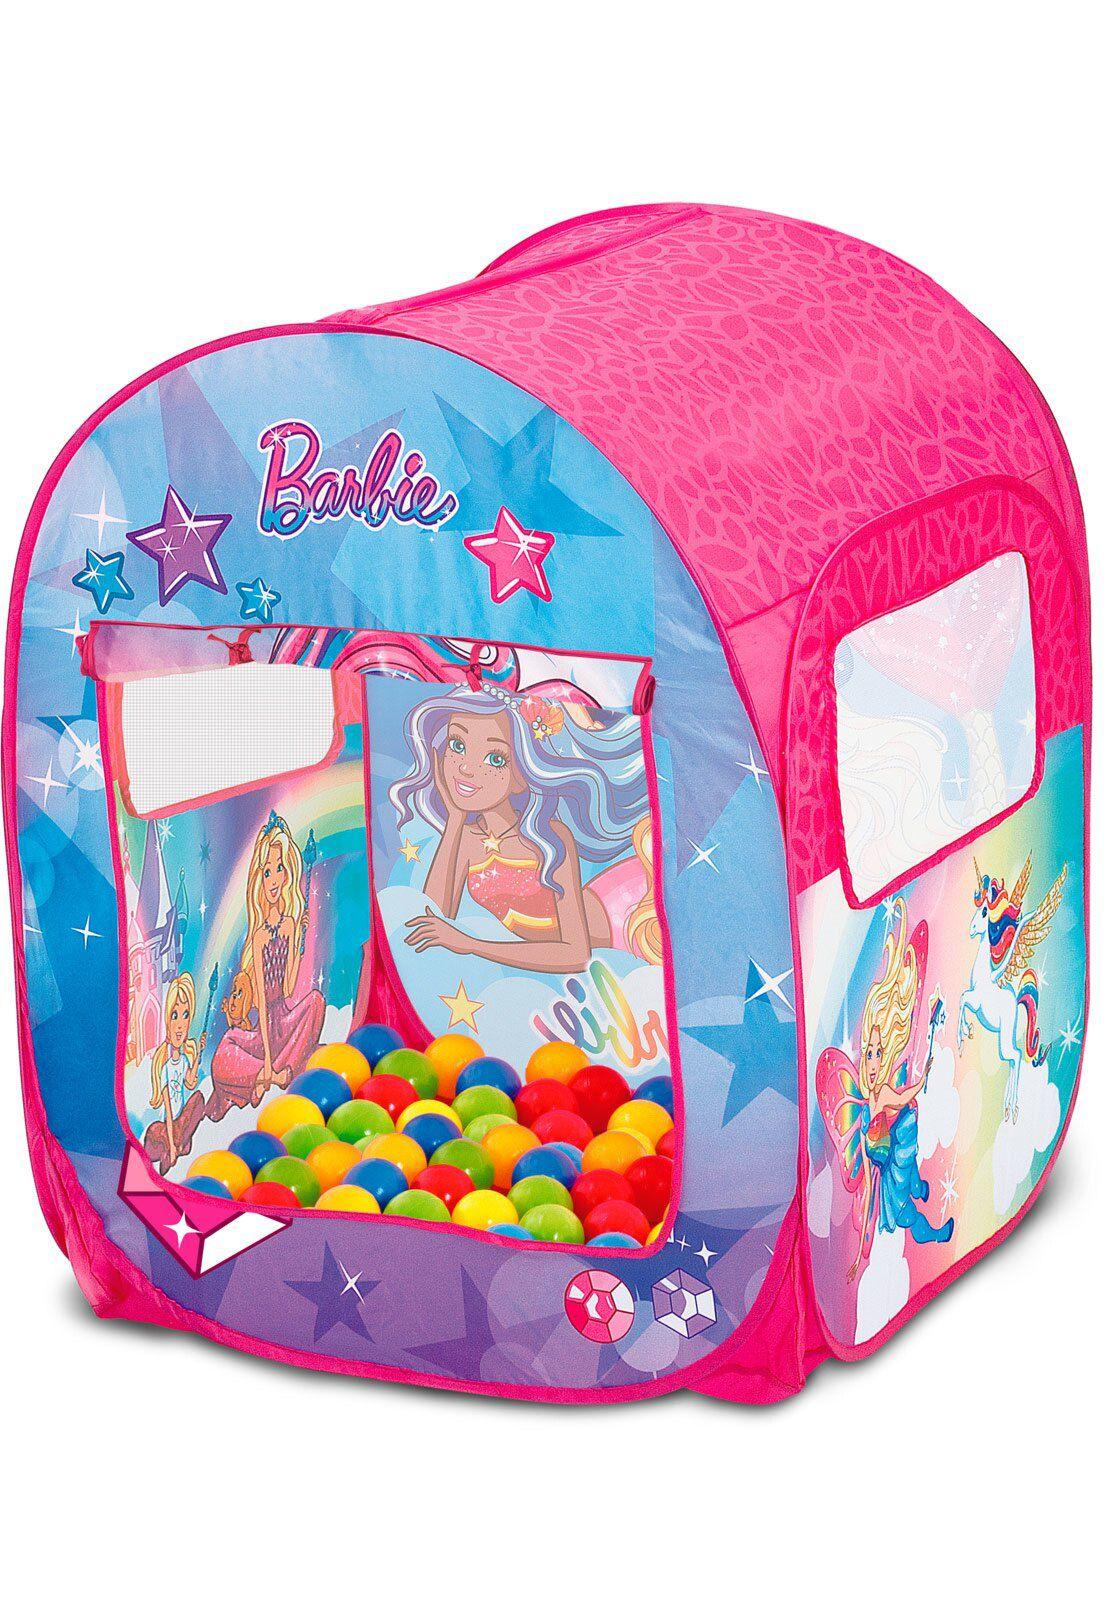 Barraca Infantil Barbie Mundo dos Sonhos 86147 Fun Divirta-se